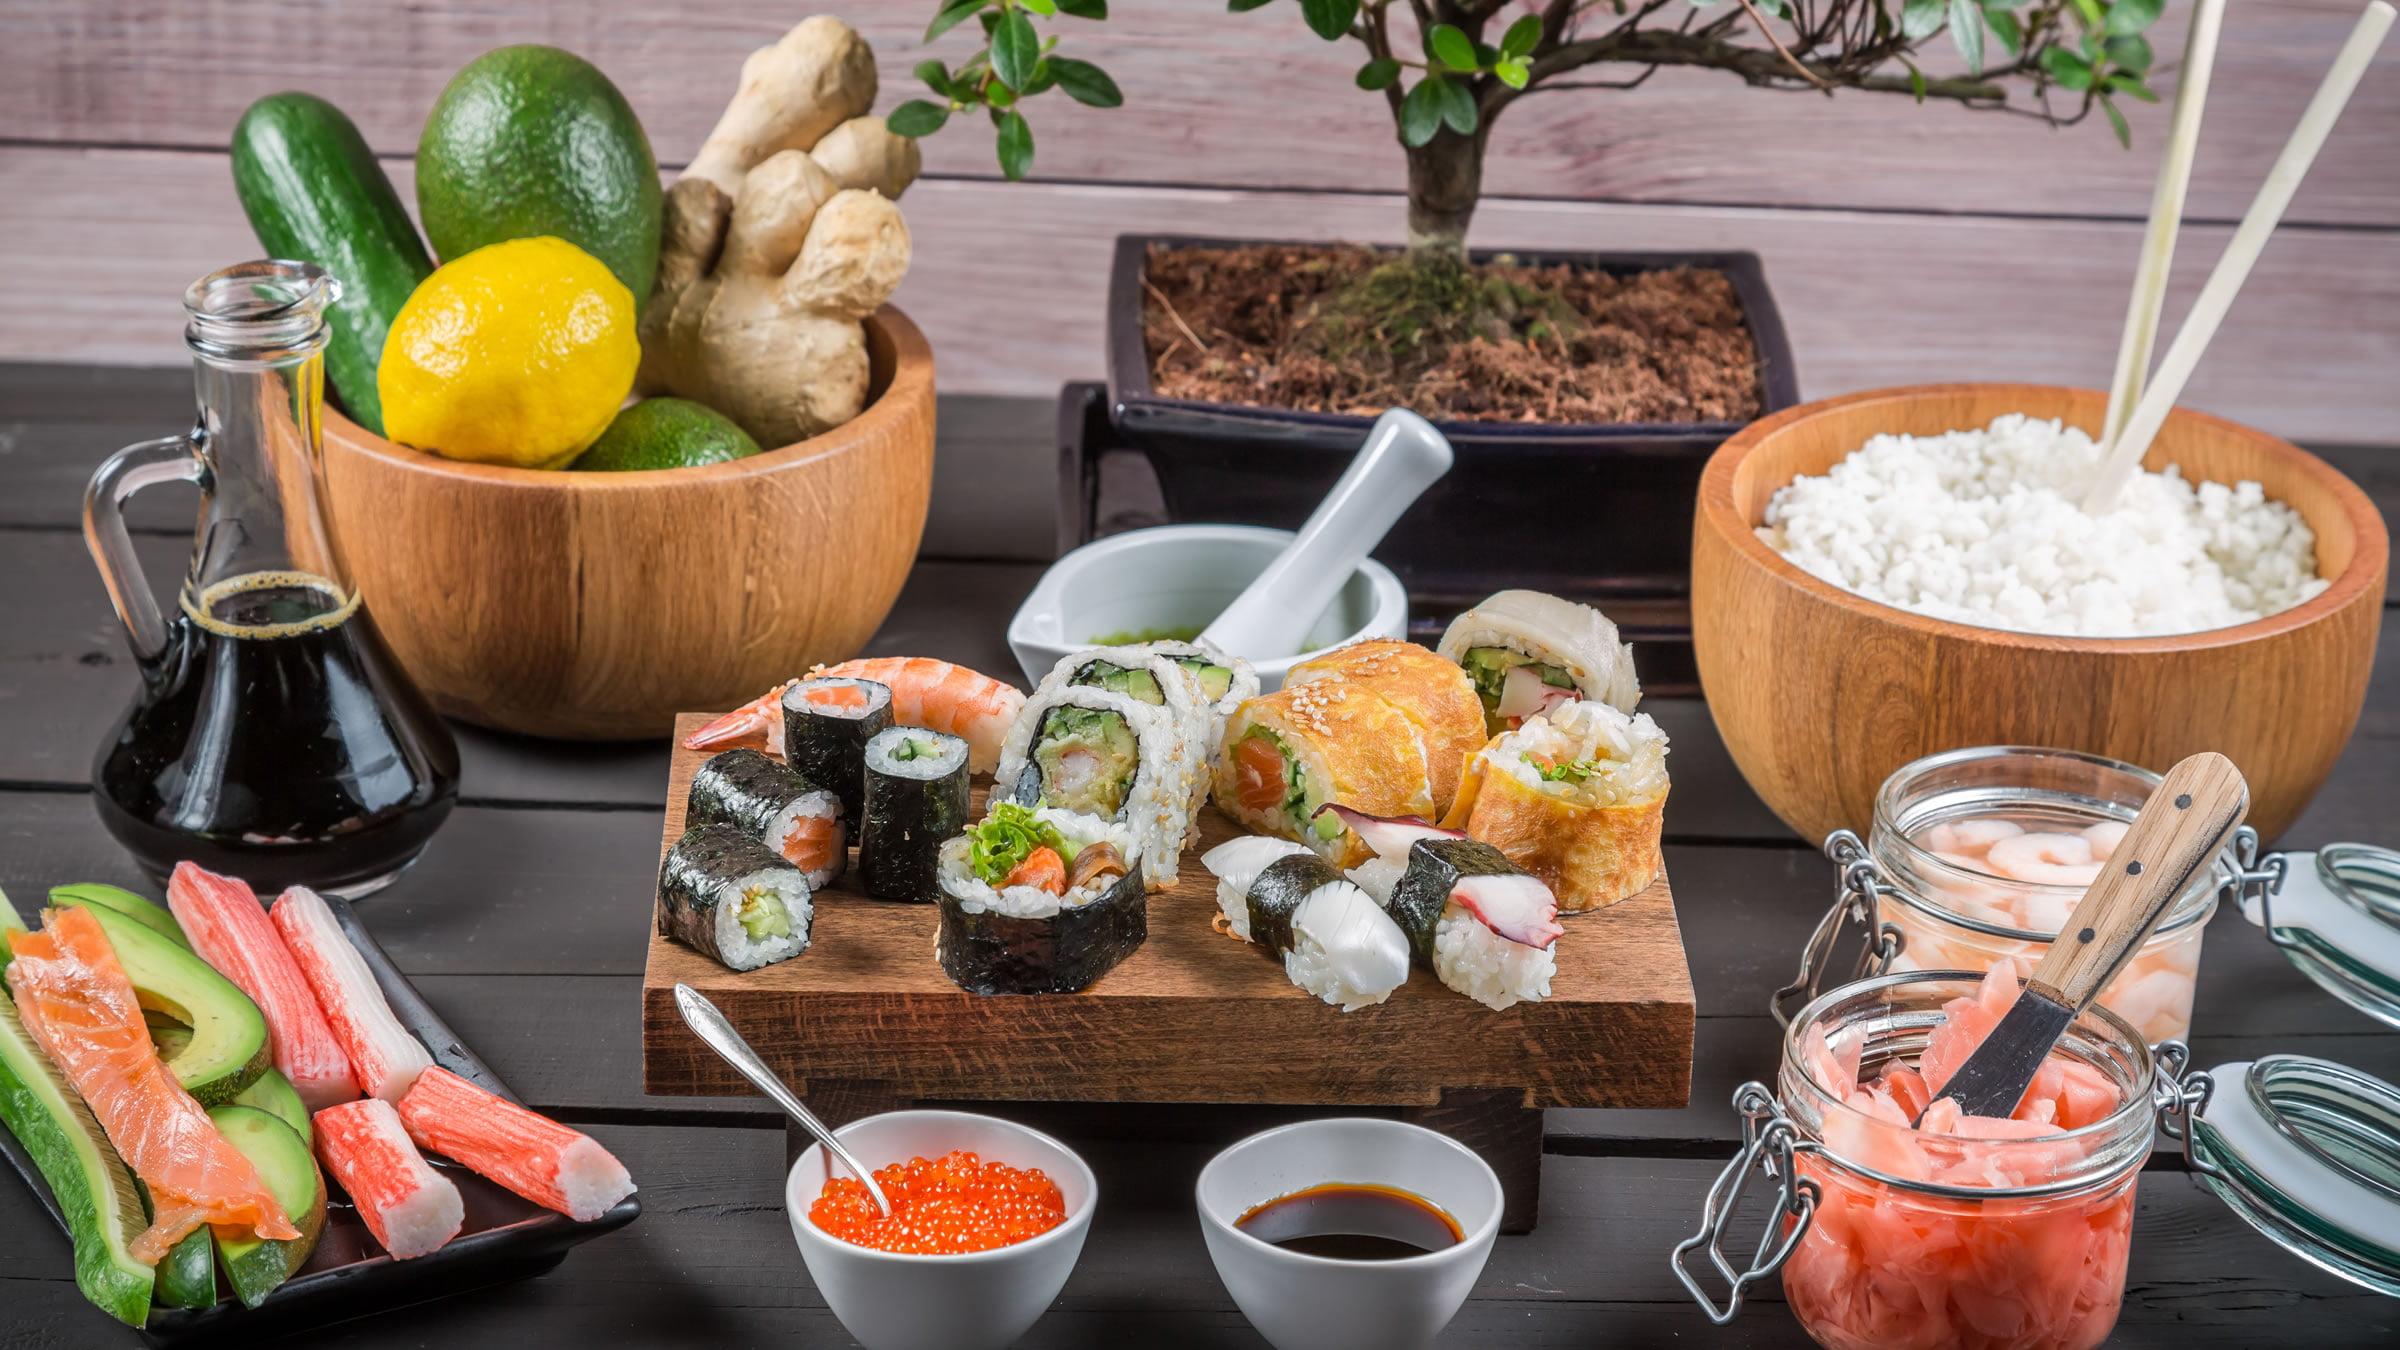 Cocina m s saludable del mundo dieta japonesa - Las cocinas mas bonitas del mundo ...